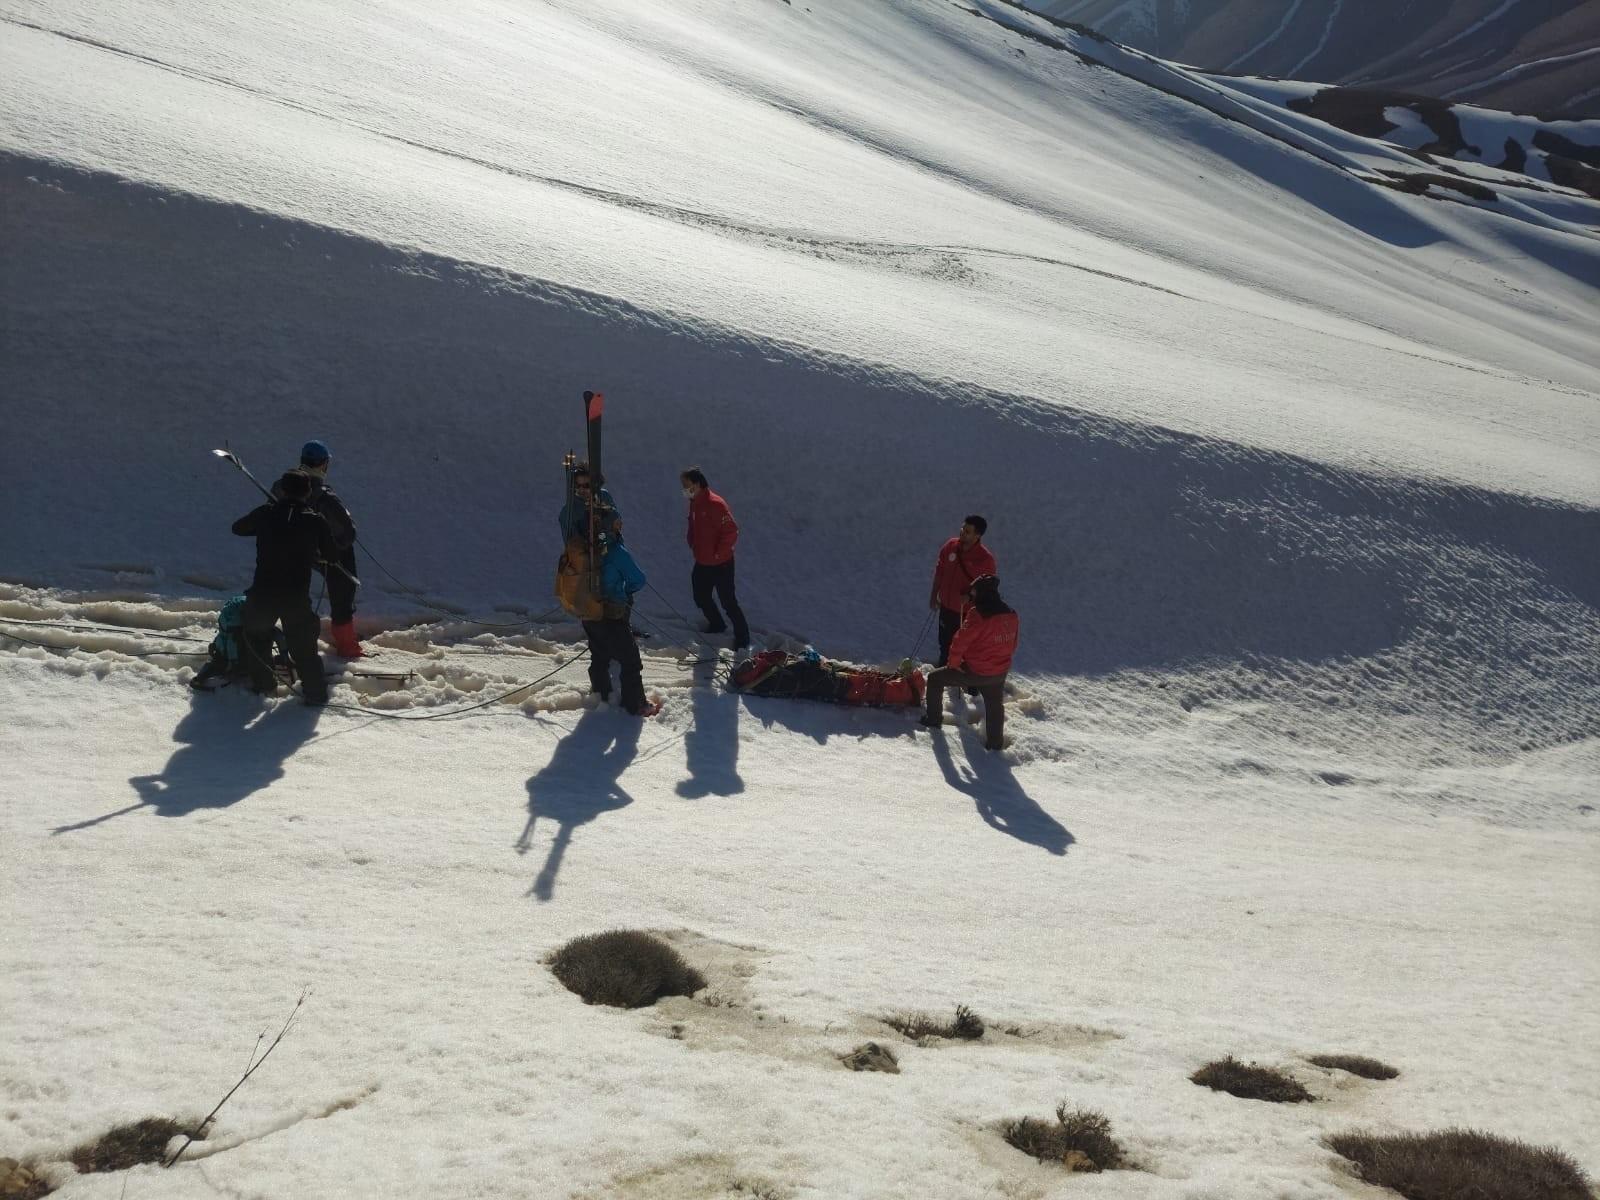 Kayak yaparken bacağı kırılan Dr. Gülce Tunç 6 saatte kurtarıldı